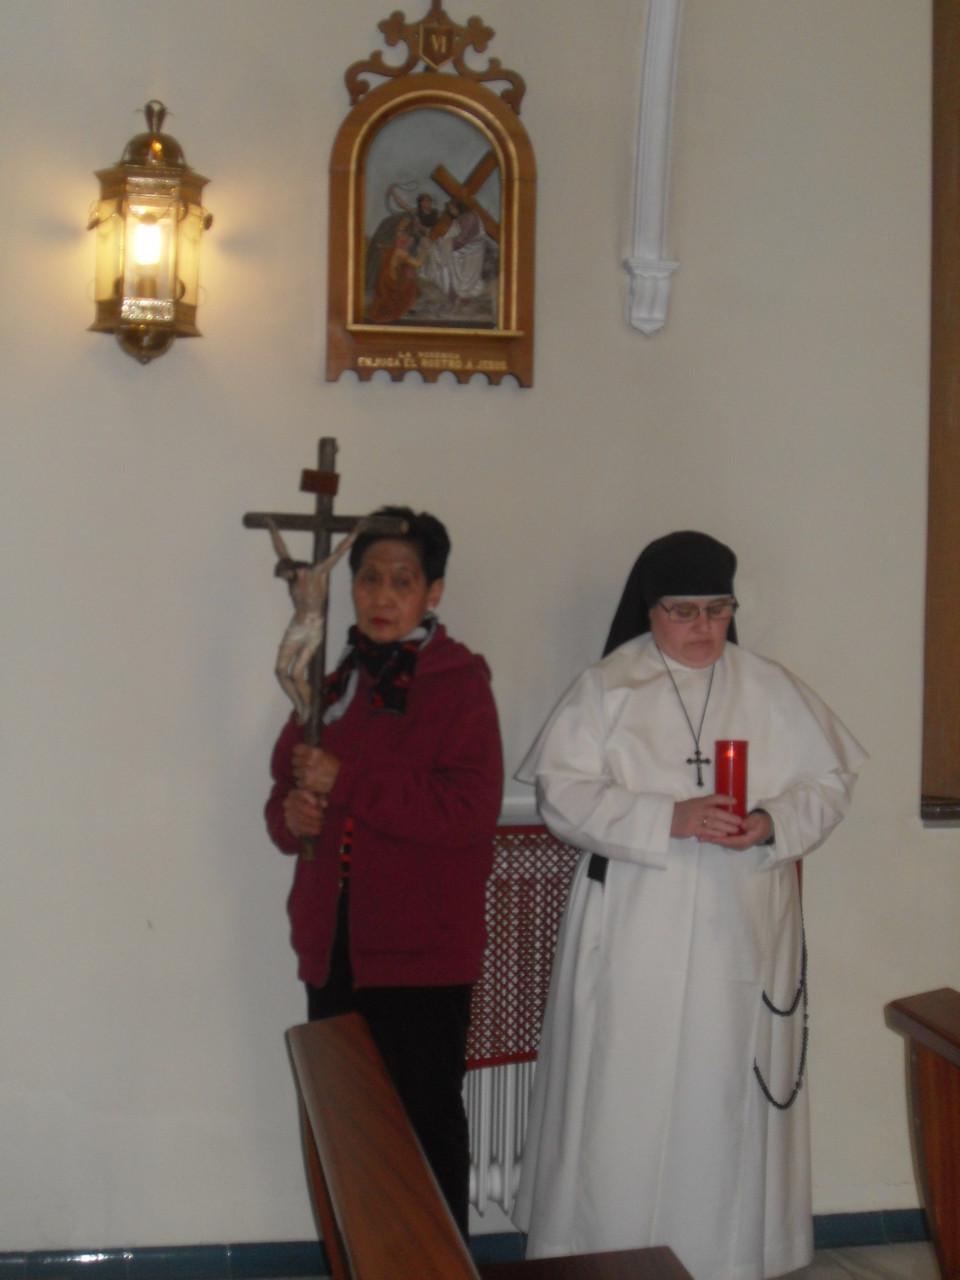 Hermana Paquita y Anunciación guiando el Vía crucis.